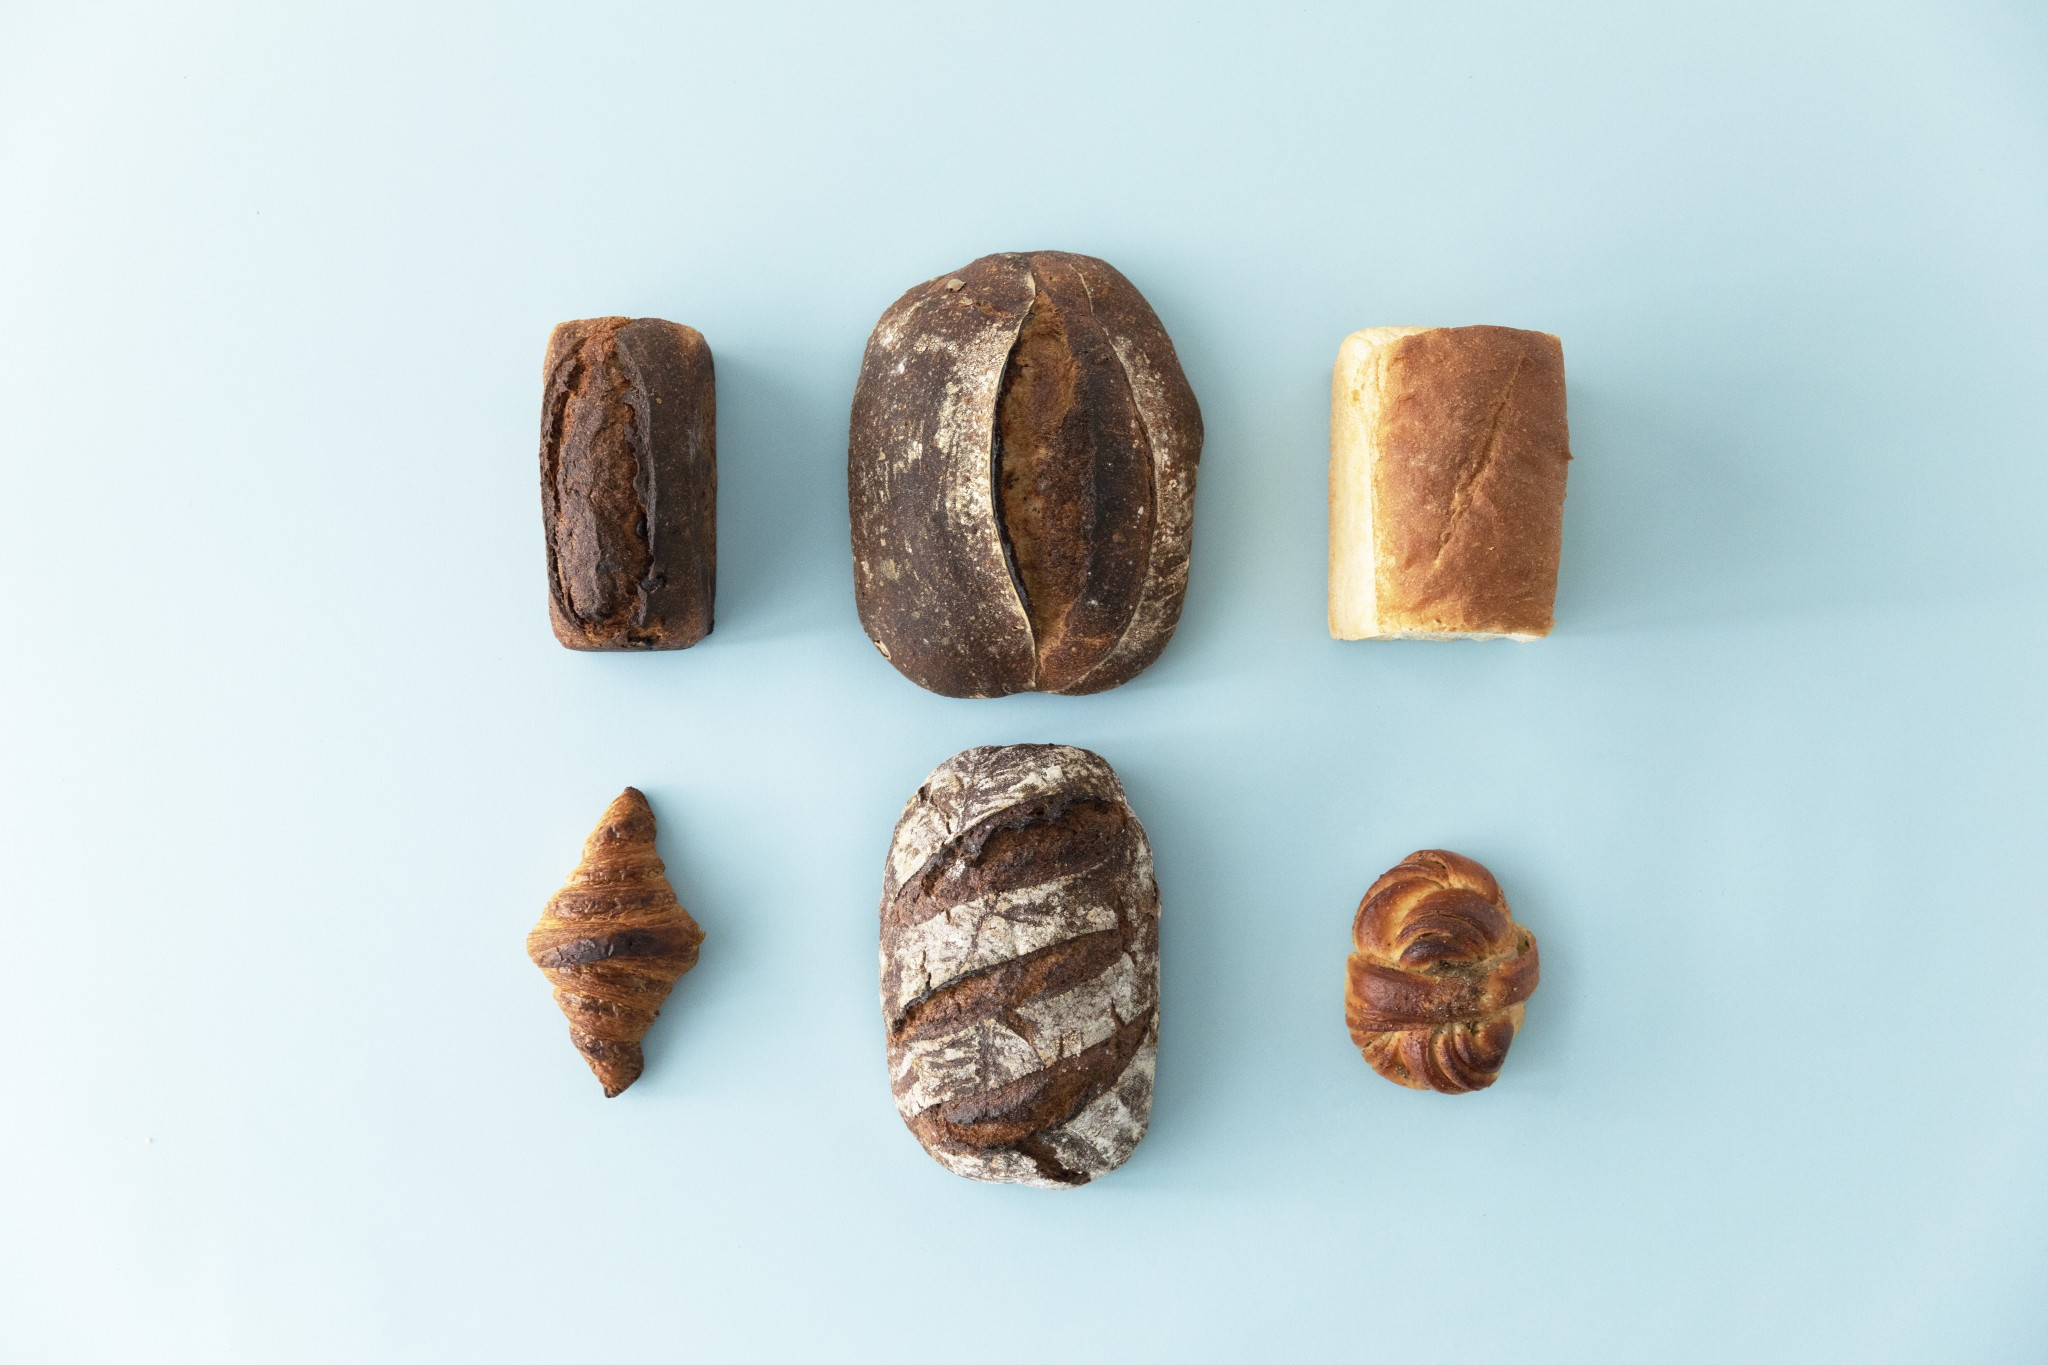 【関西】名ベーカリーのお取り寄せパンを実食!パンラボ・池田浩明さんが選ぶおすすめベーカリー